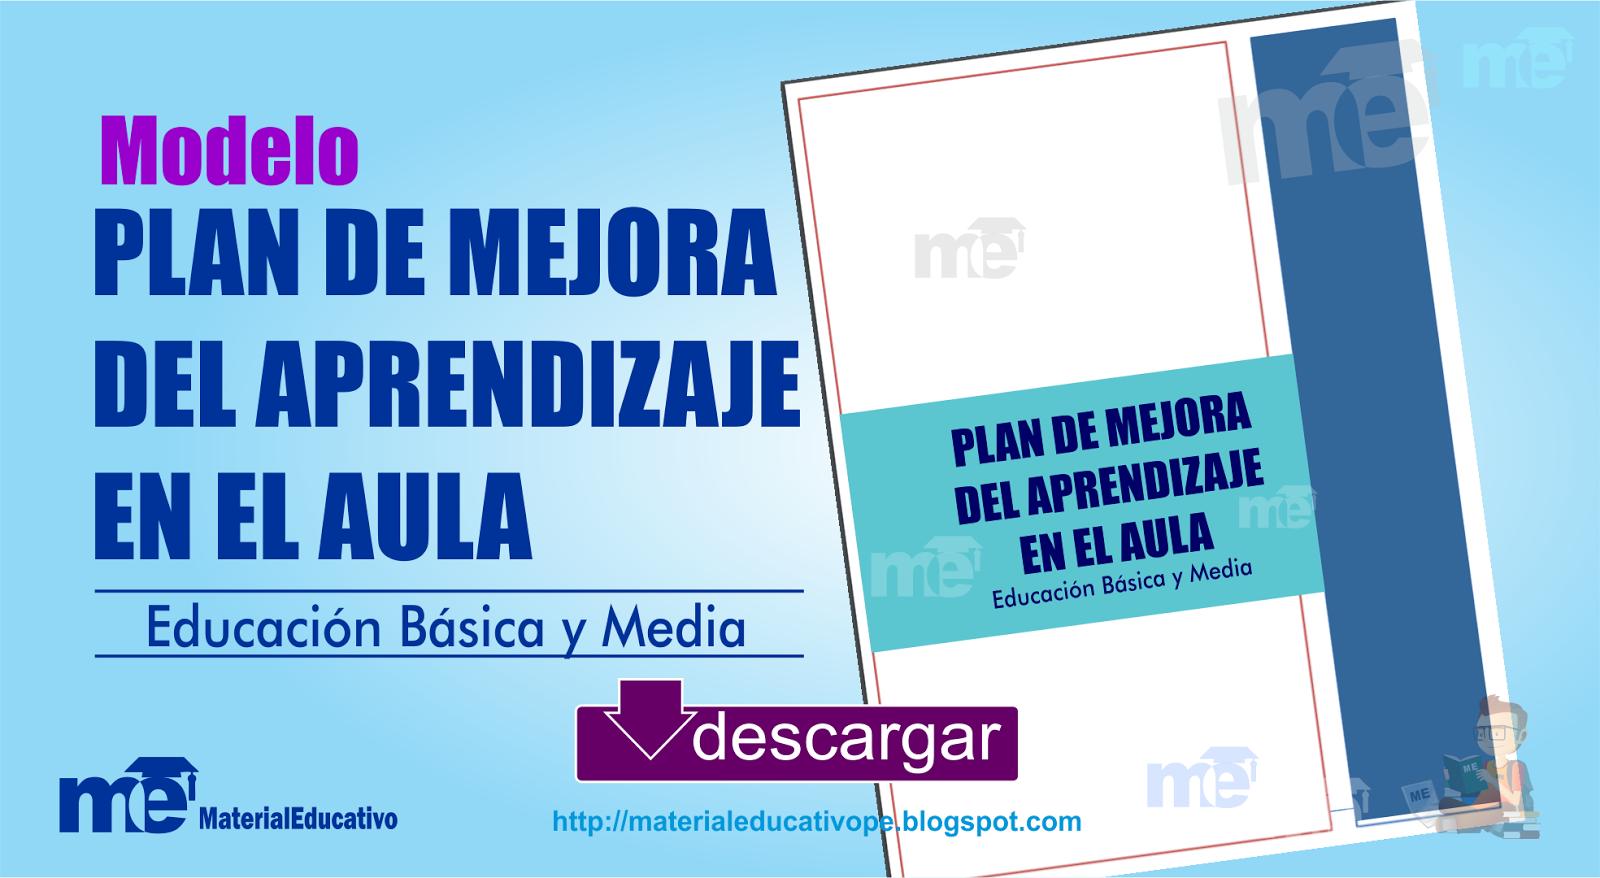 PLAN DE MEJORA DEL APRENDIZAJE EN EL AULA ~ MATERIAL EDUCATIVO